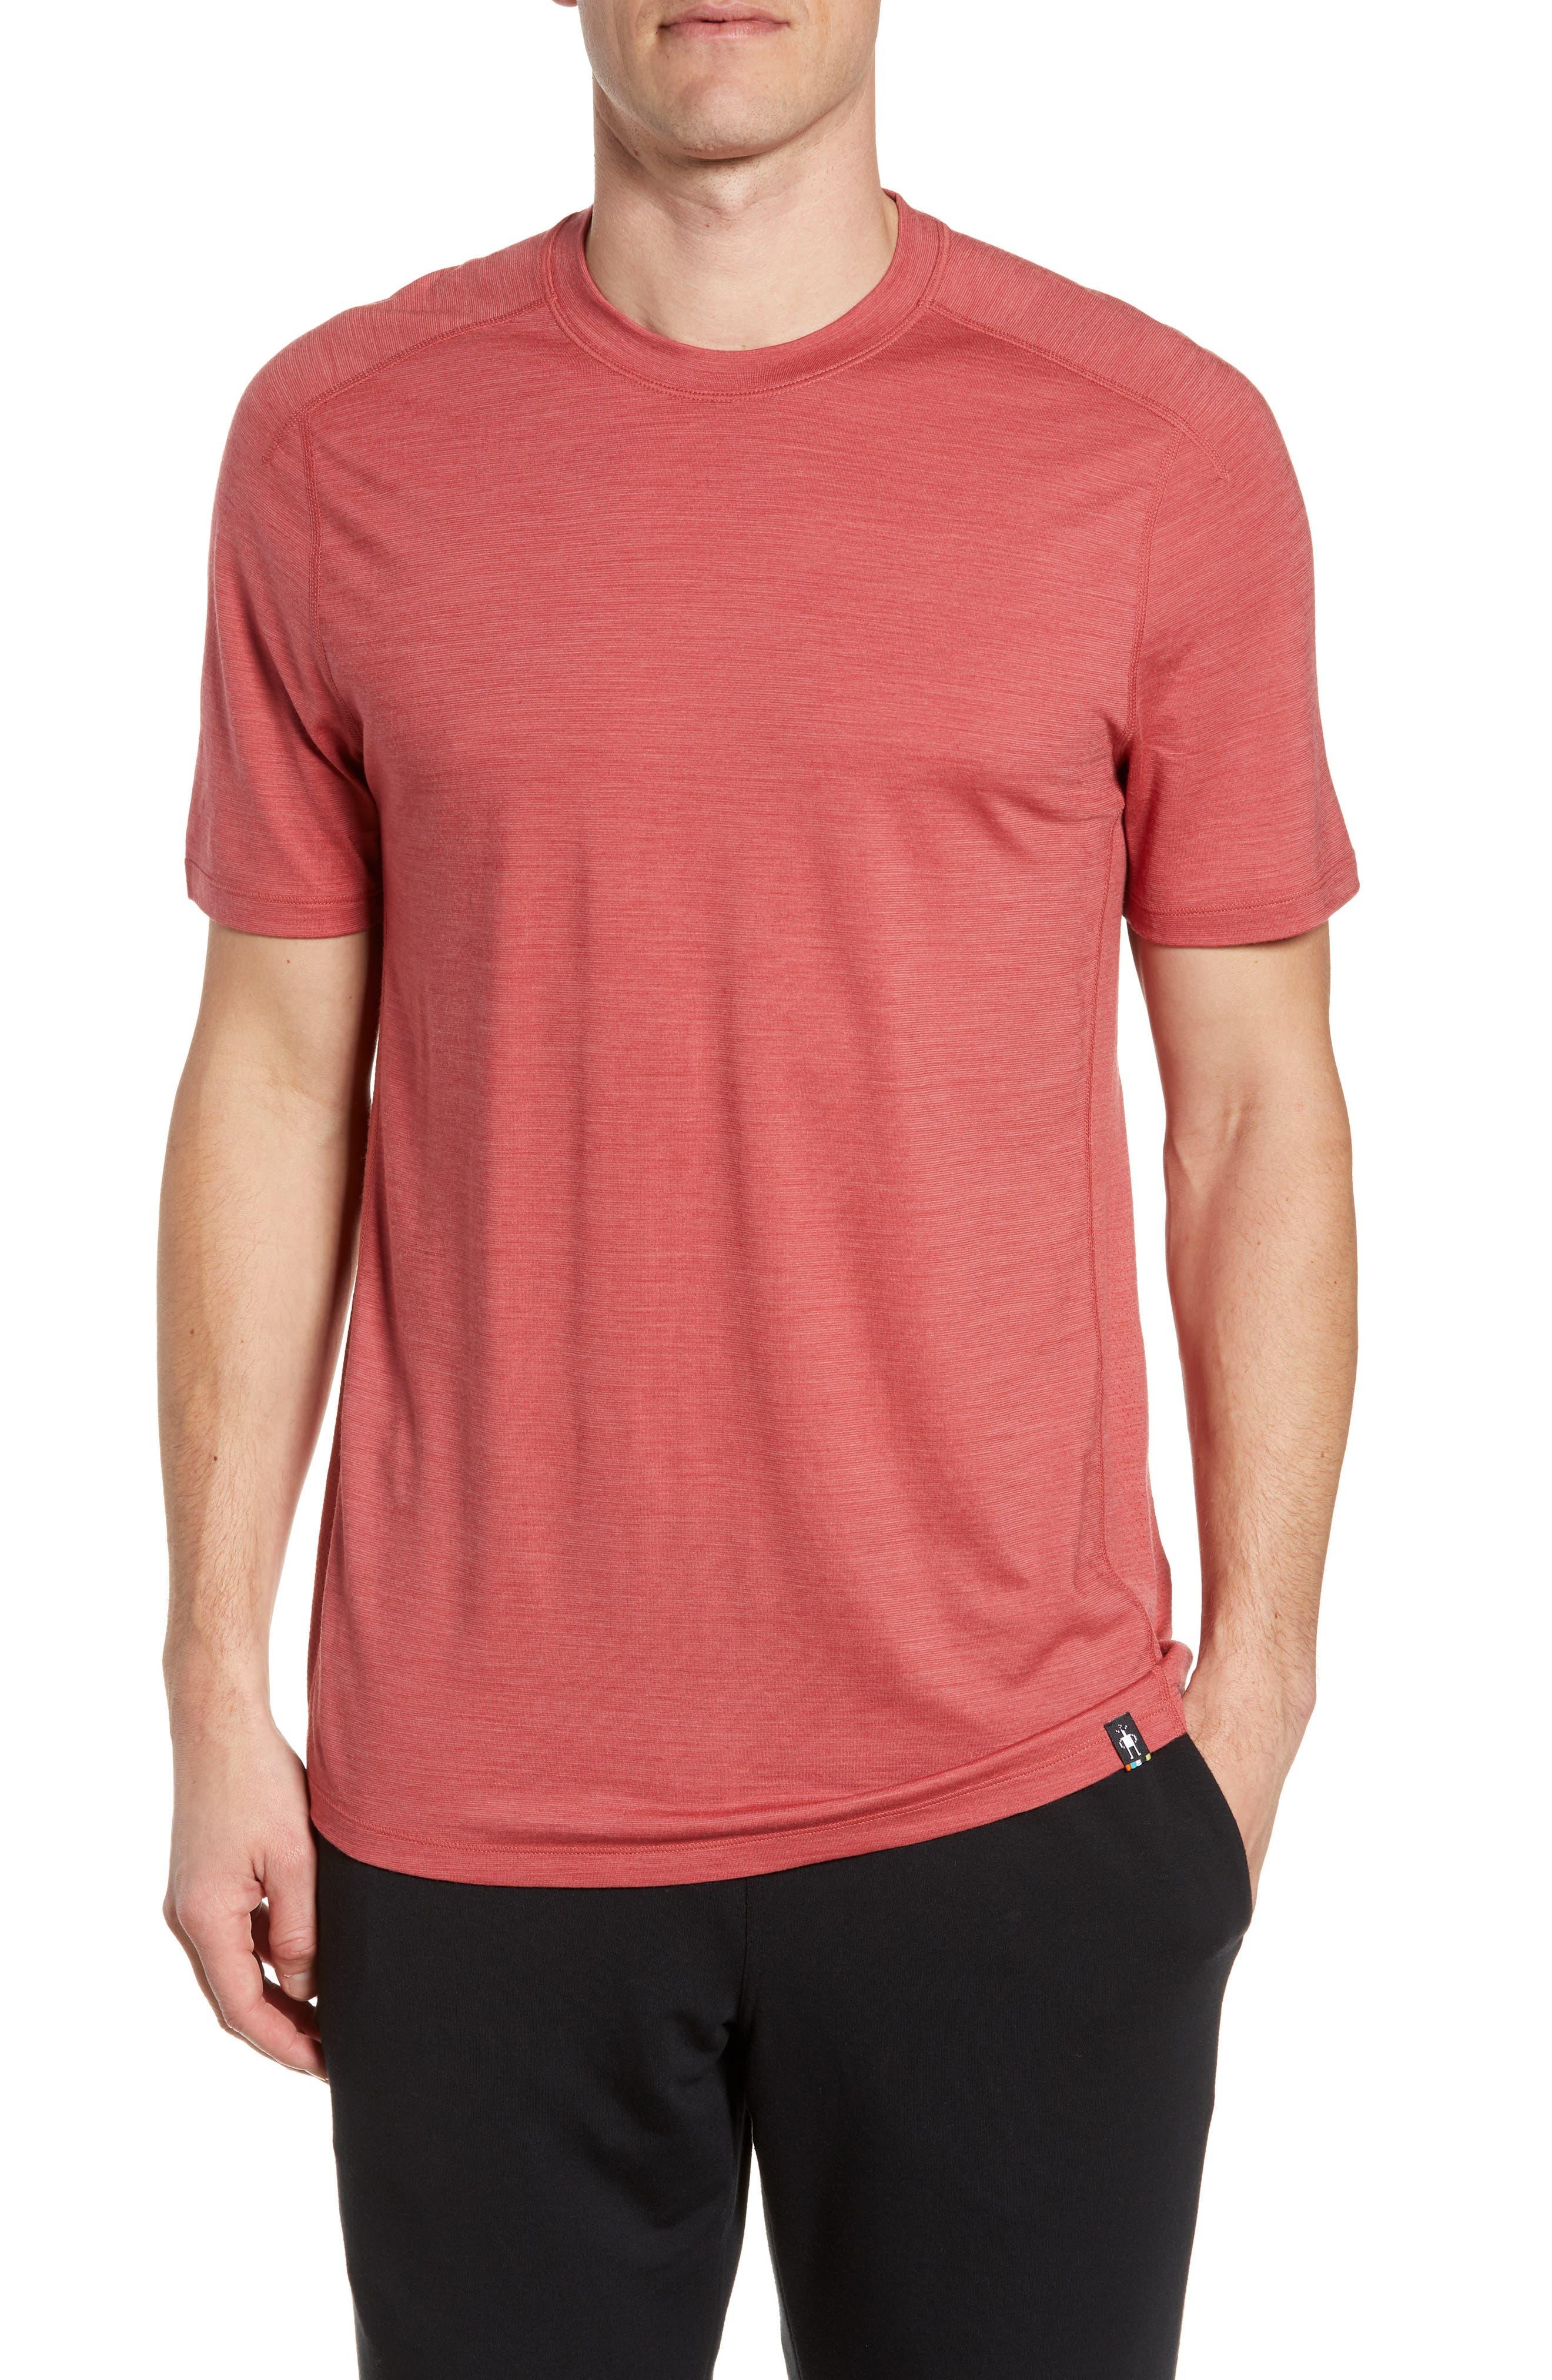 Smartwool Merino Blend Tech T-Shirt, Red